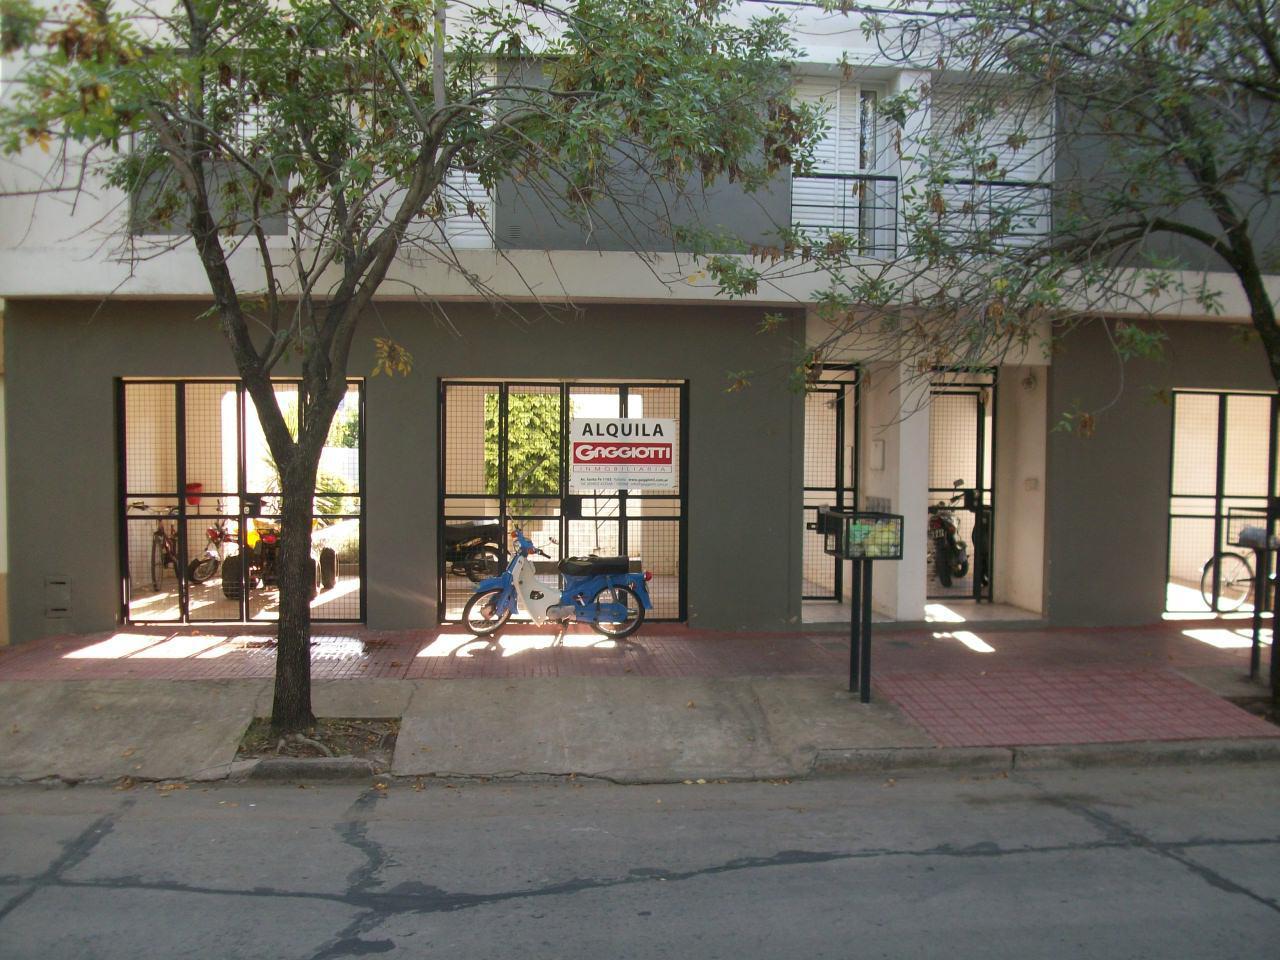 Avanthay 345 - Gaggiotti Inmobiliaria cuenta con más de 50 años desde que se inicio en el negocio de los servicios inmobiliarios.